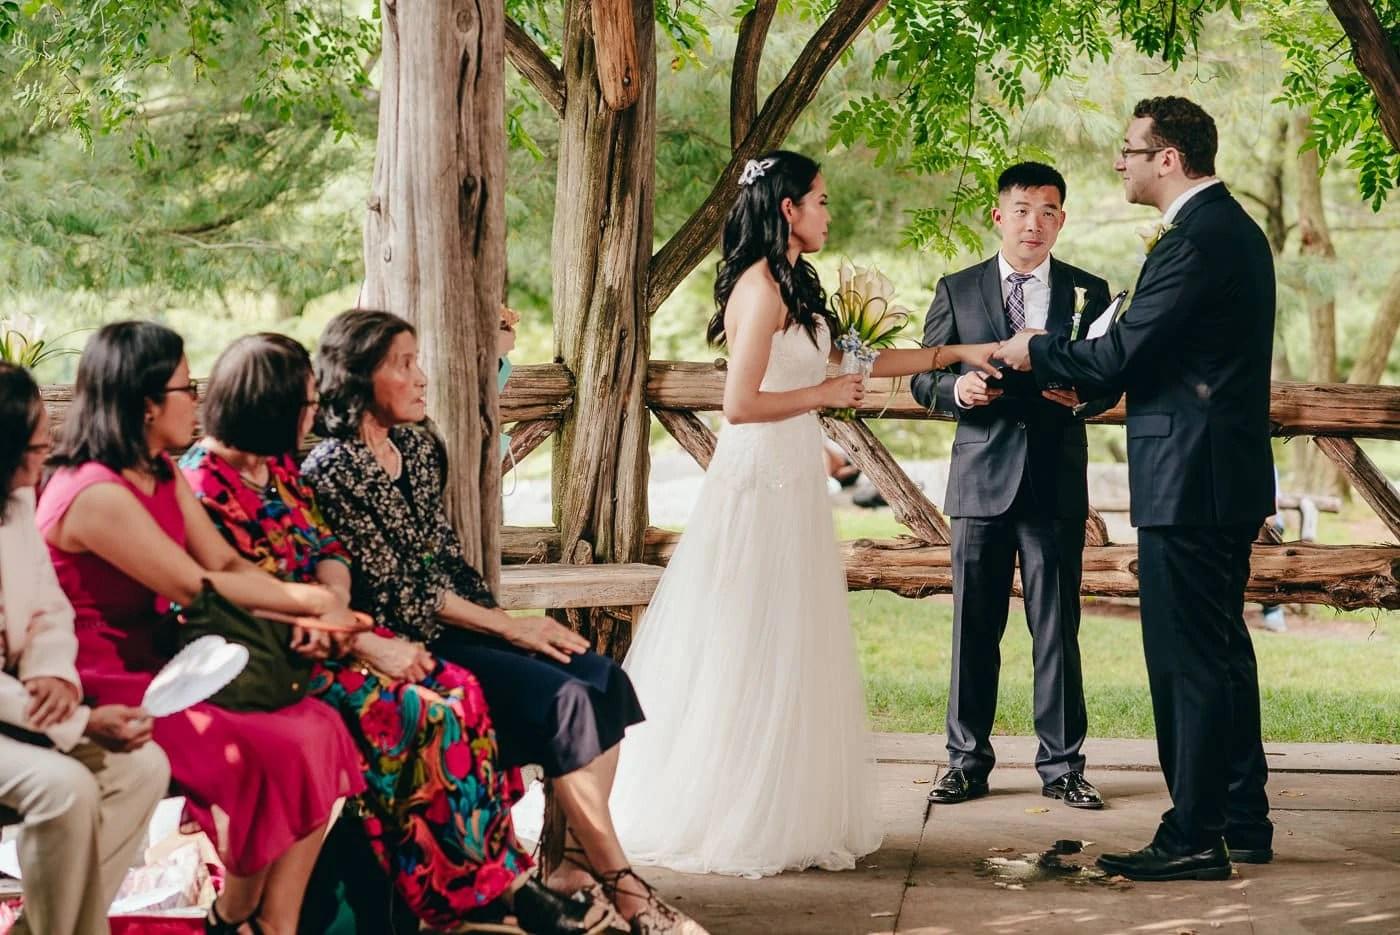 Central Park Cop Cot Elopement Wedding